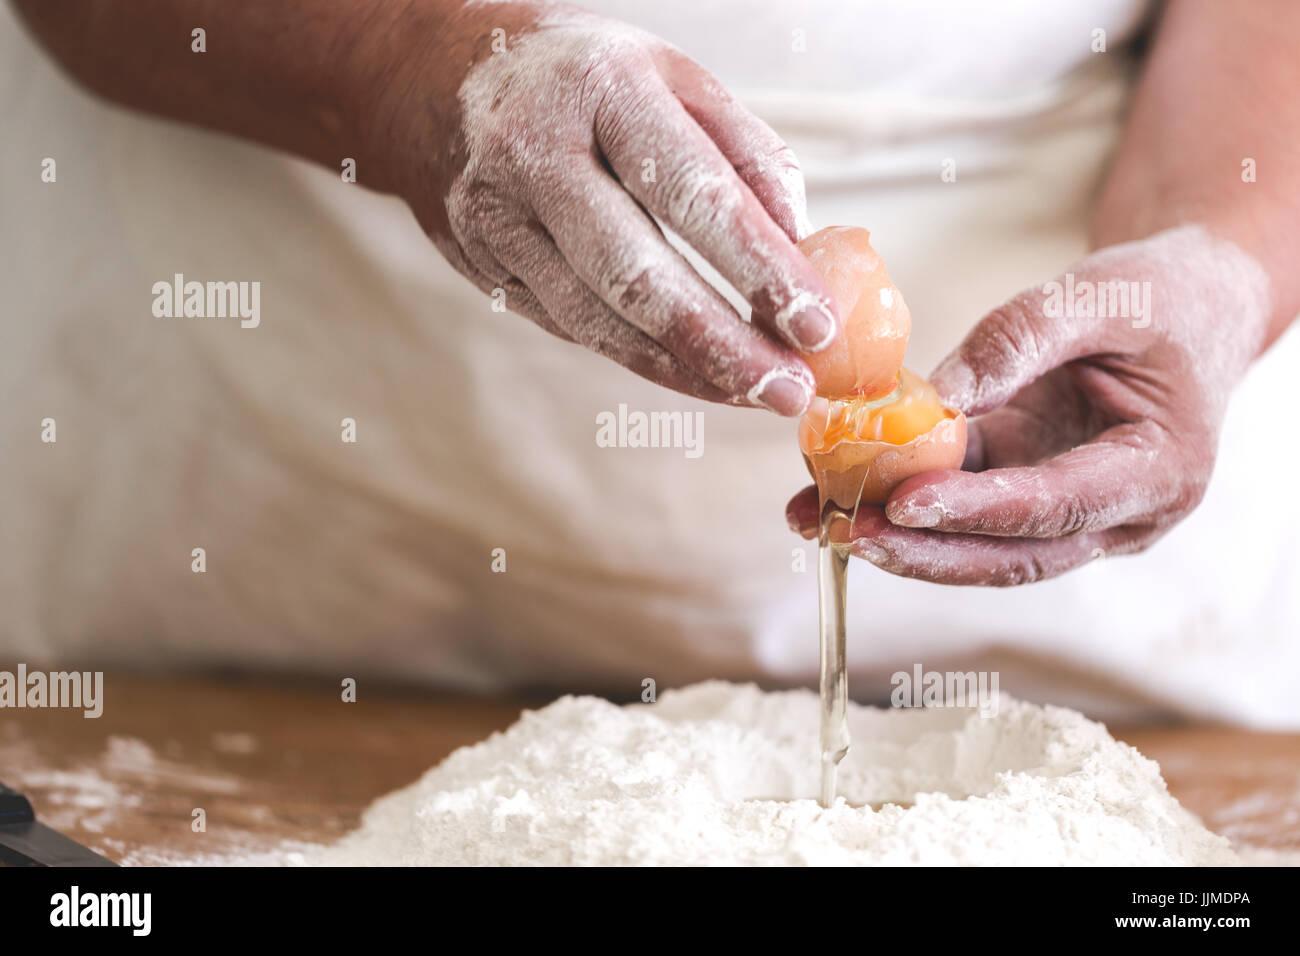 Mujer Senior Añadir el huevo para pastelería. Se centran en huevo rotas y viejas manos trabajadoras. Orientación Imagen De Stock